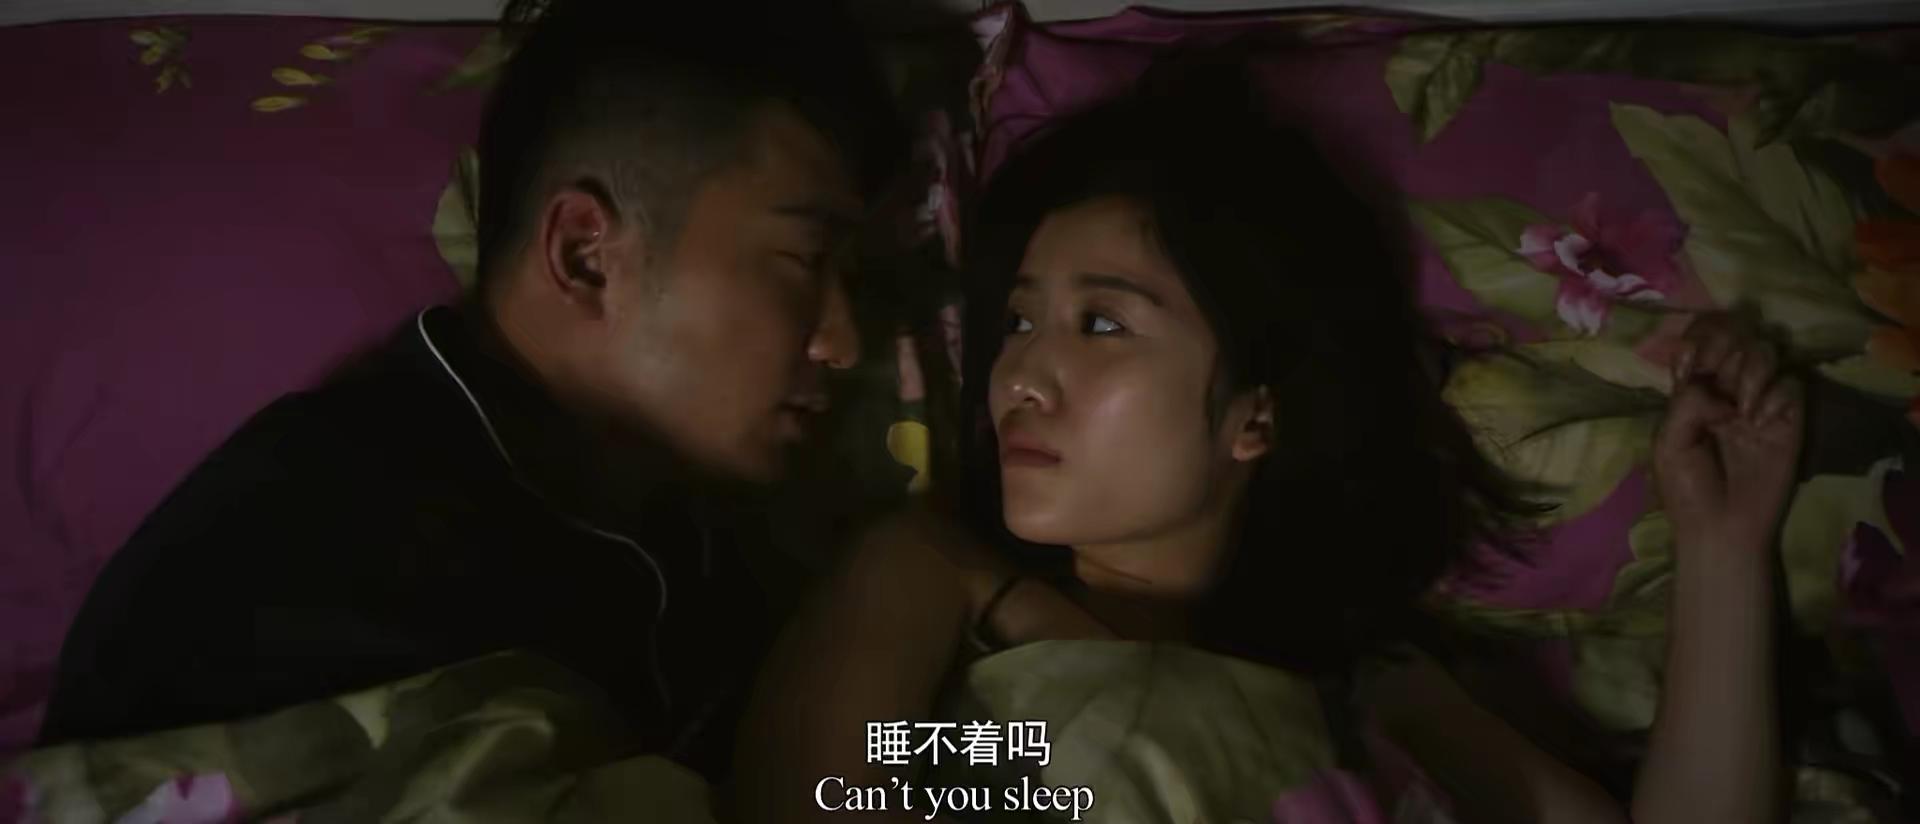 88微拍福利视频,恋恋不舍,[国语中英双字][2019中国剧情]插图(1)